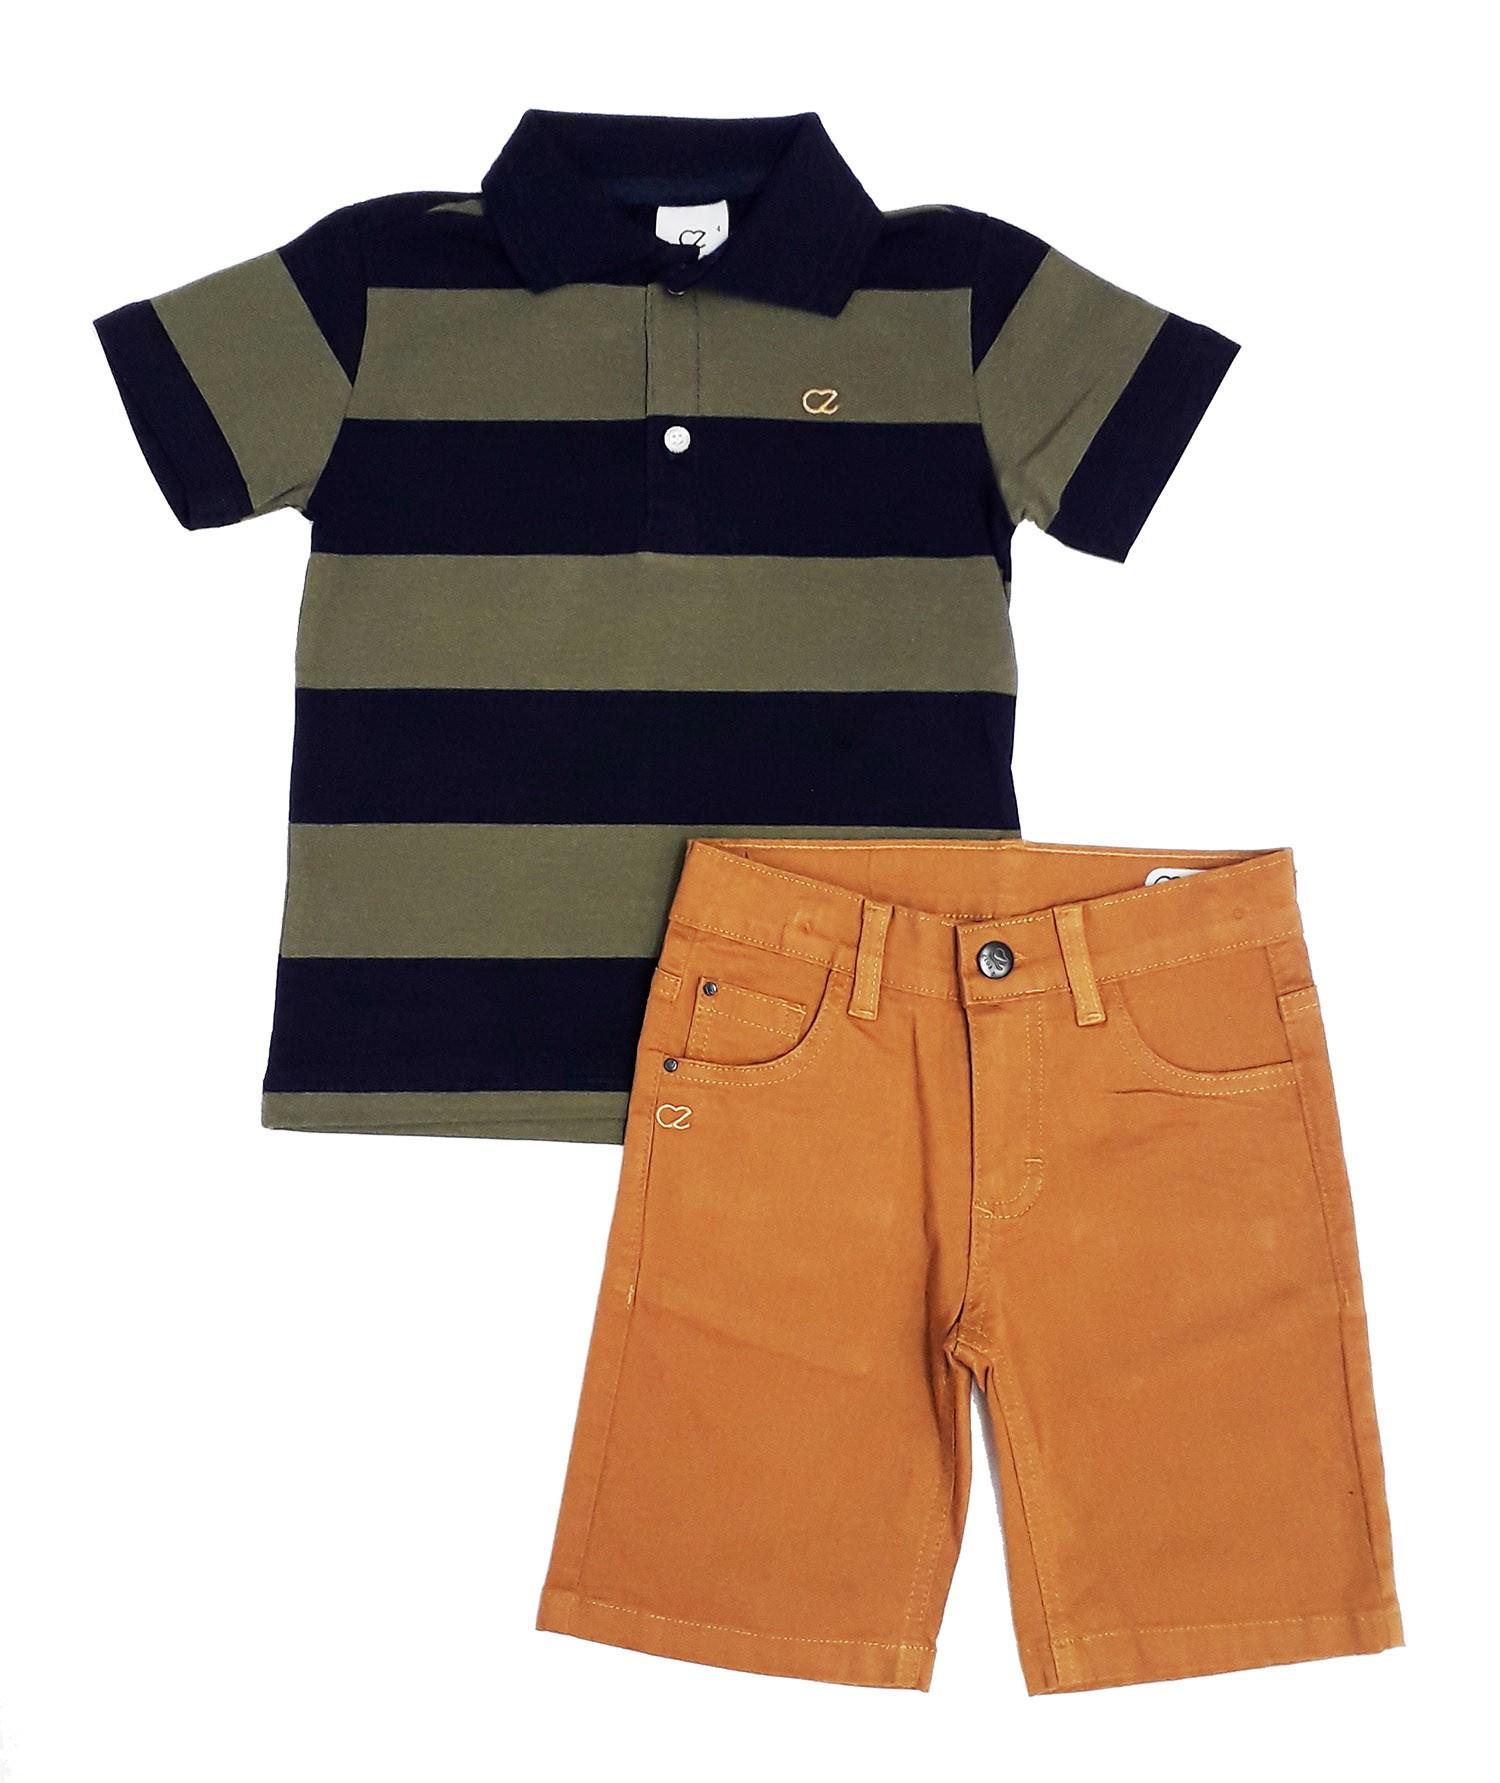 Conjunto Infantil Camisa Polo com Bermuda Sarja Club Z